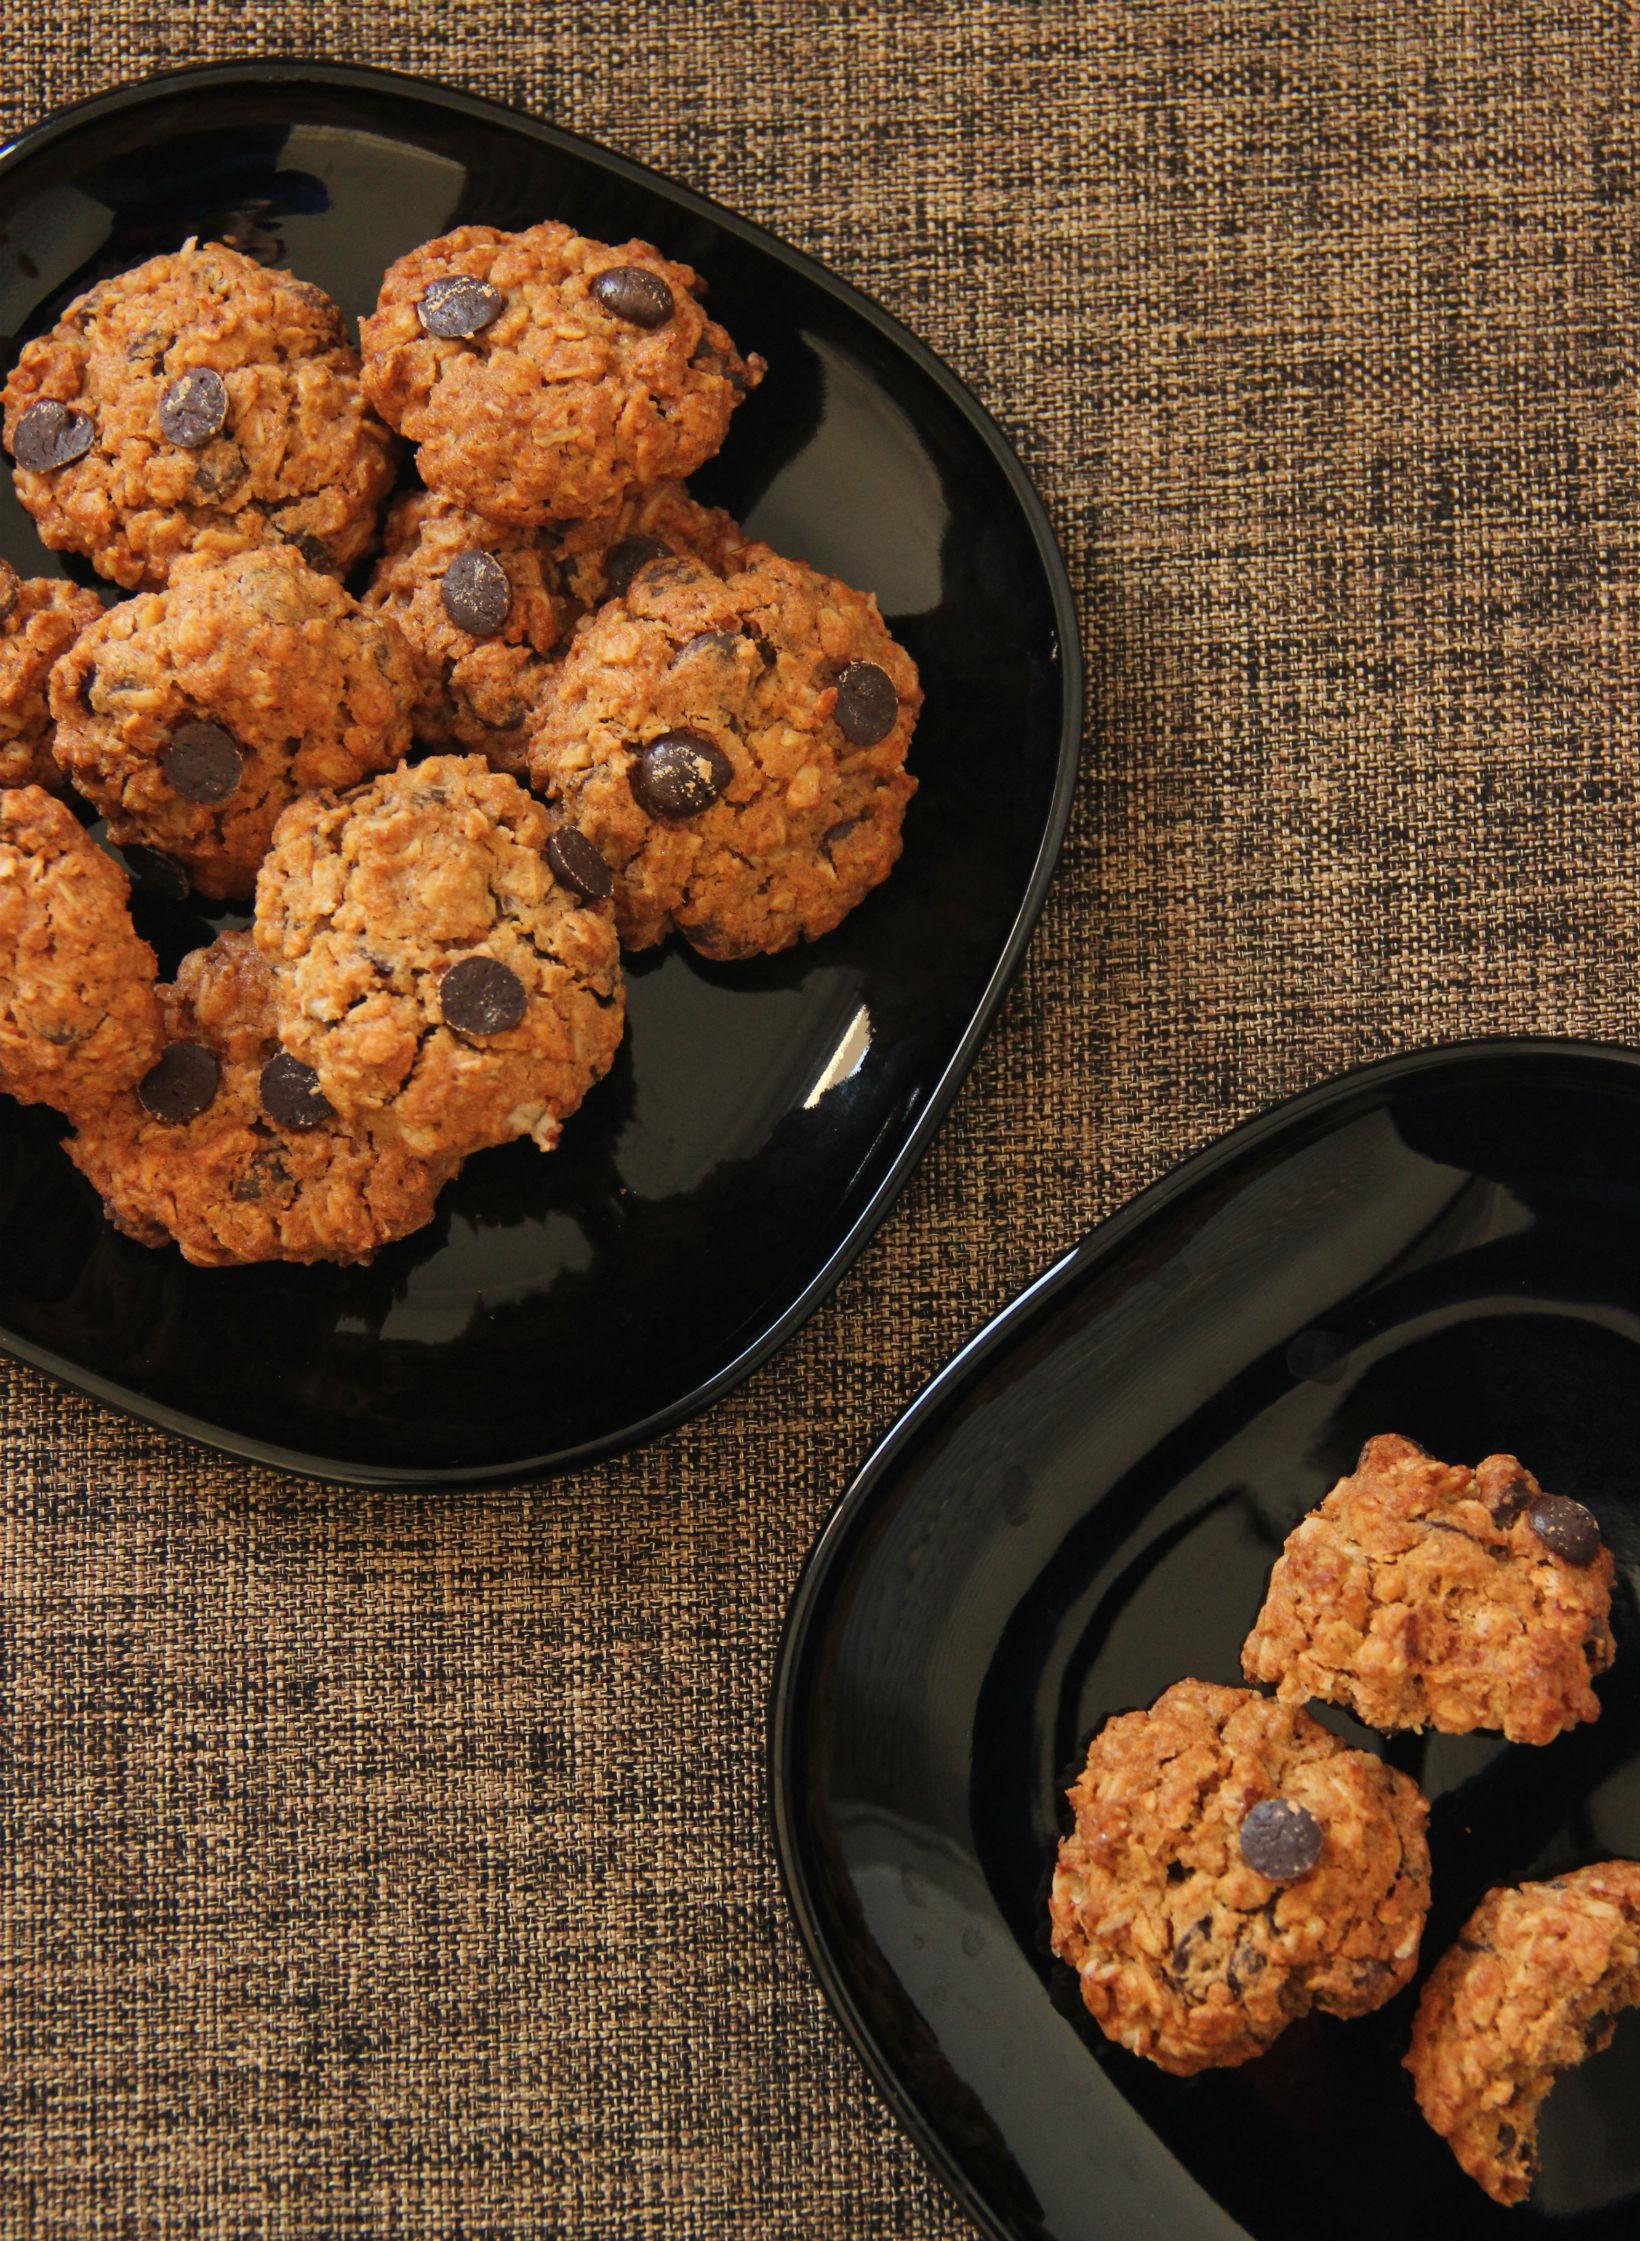 עוגיות חמאת בוטנים, שוקולד צ'יפס ושיבולת שועל